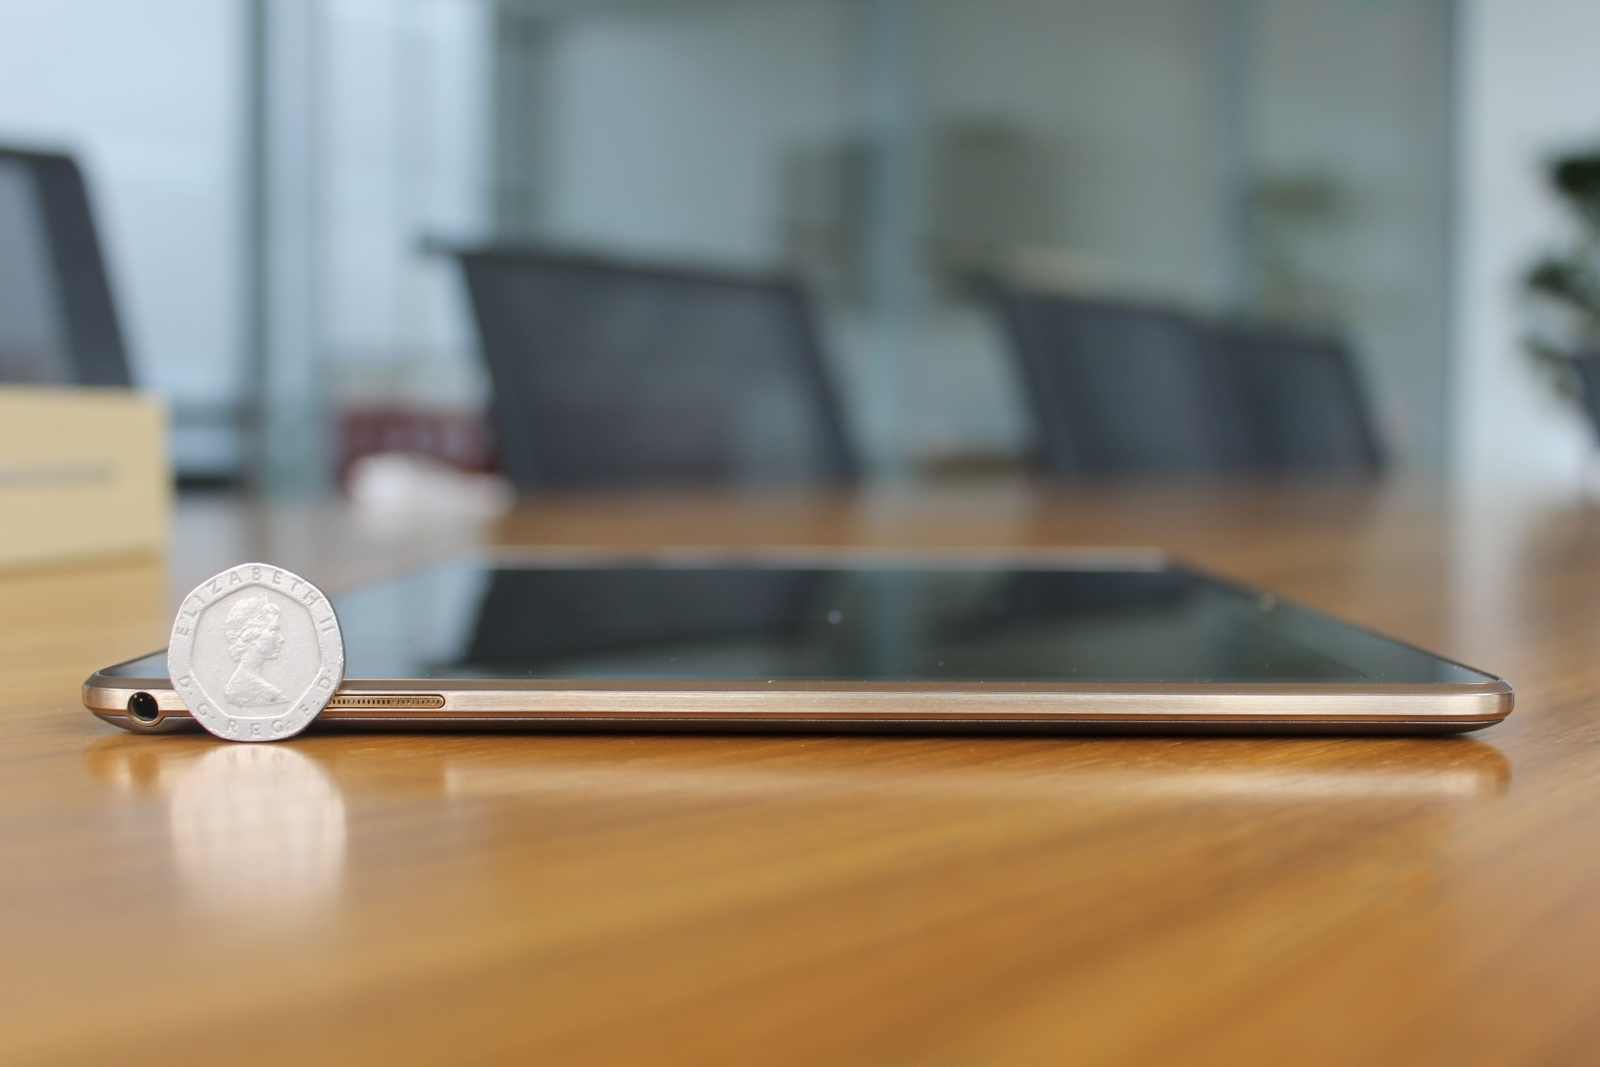 Samsung Galaxy Tab S design